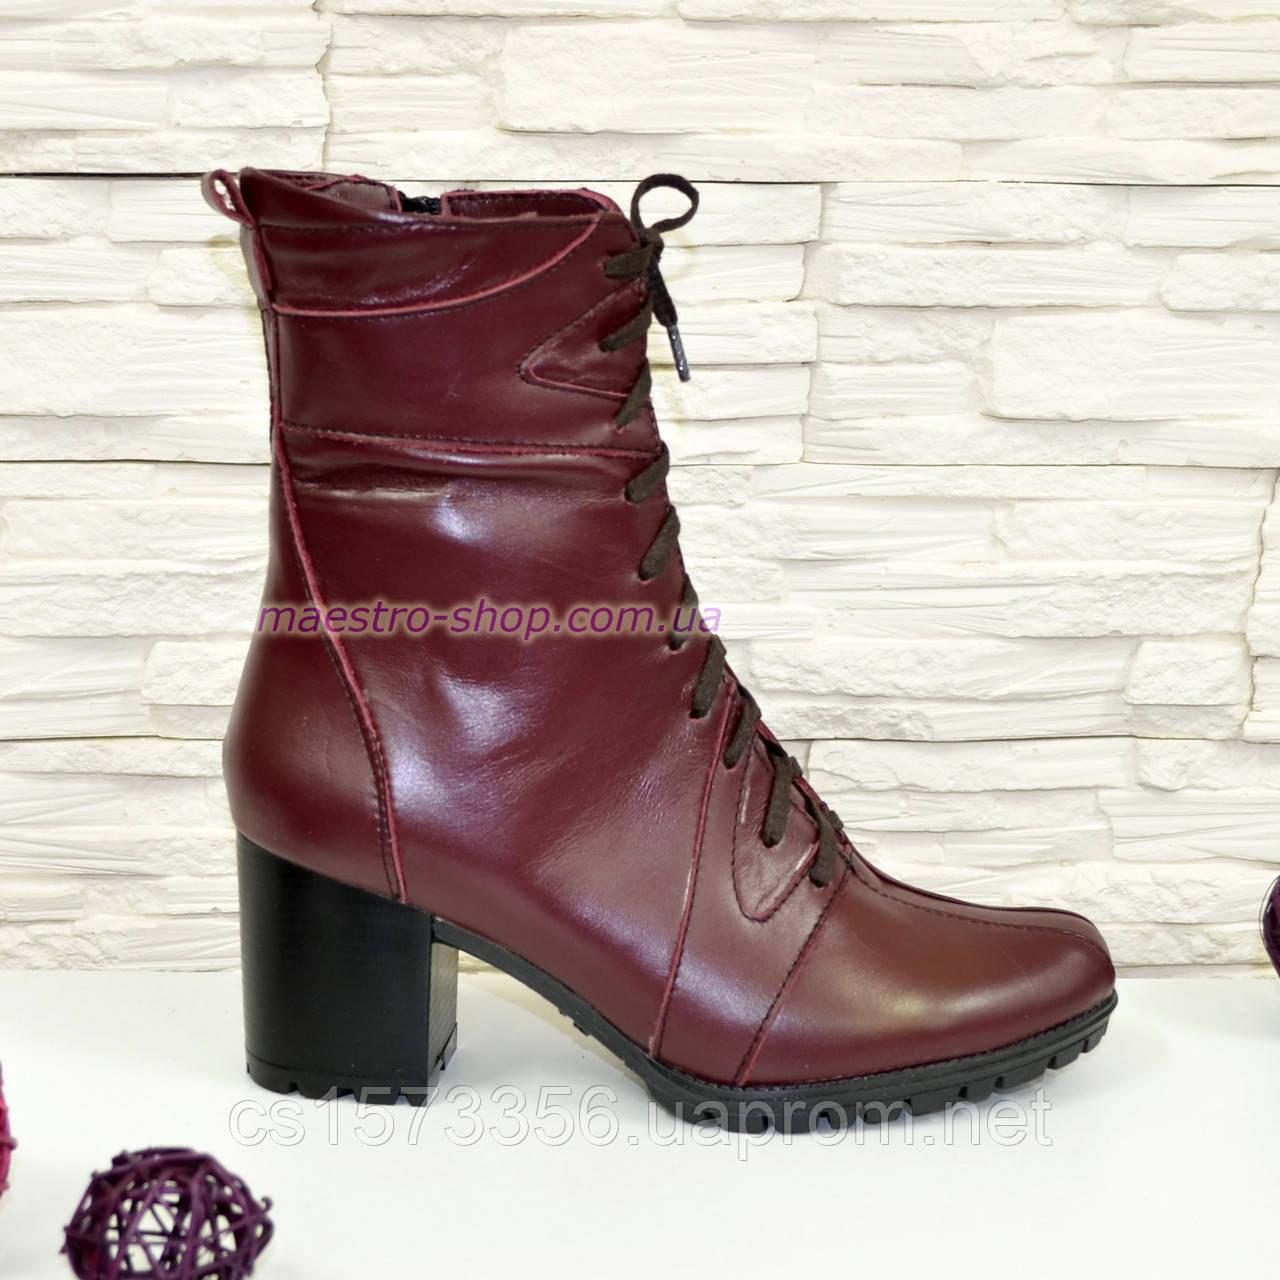 Ботинки демисезонные кожаные бордовые на устойчивом каблуке